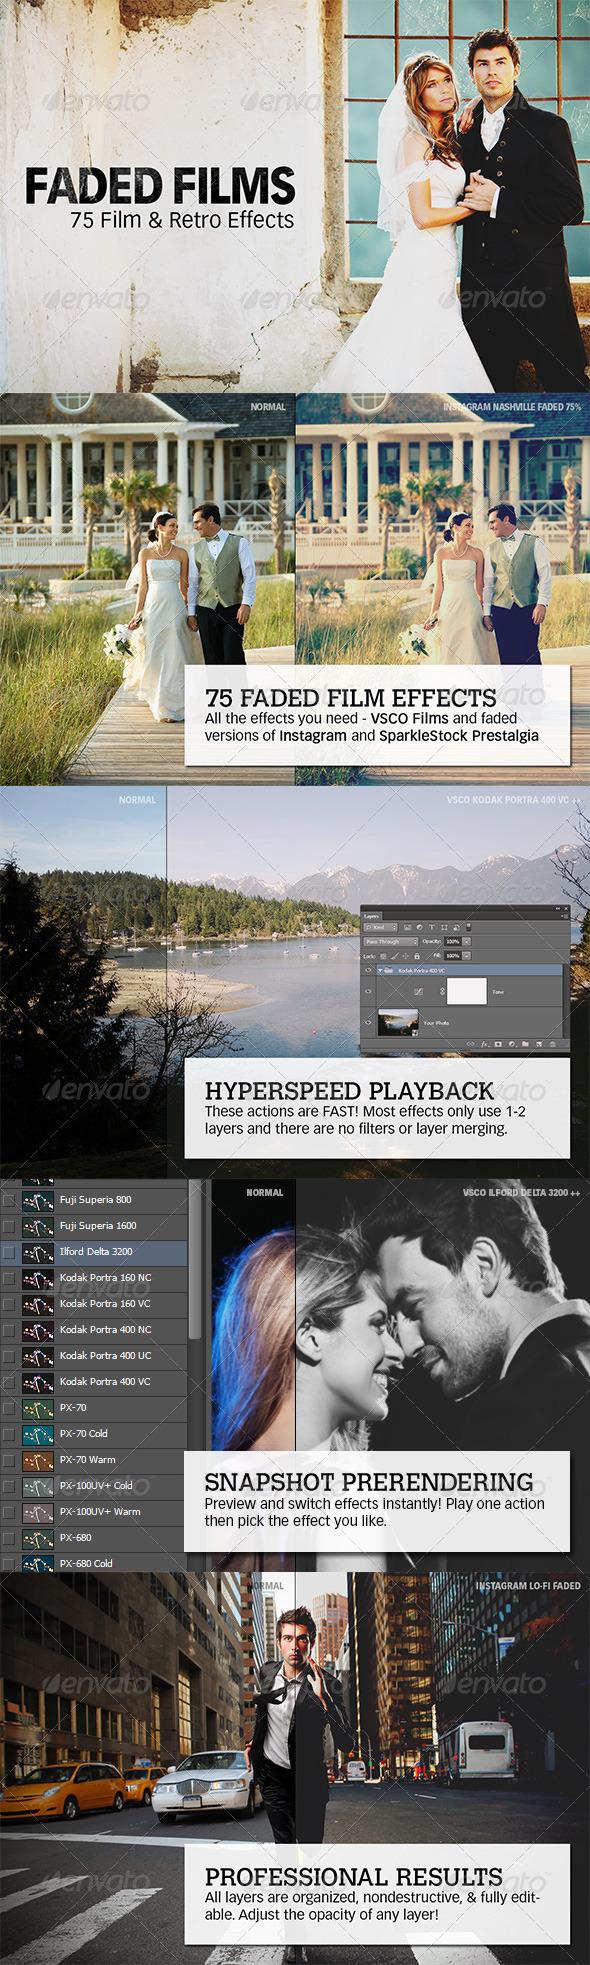 GraphicRiver Faded Films 72 Film & Retro Effect 4634892